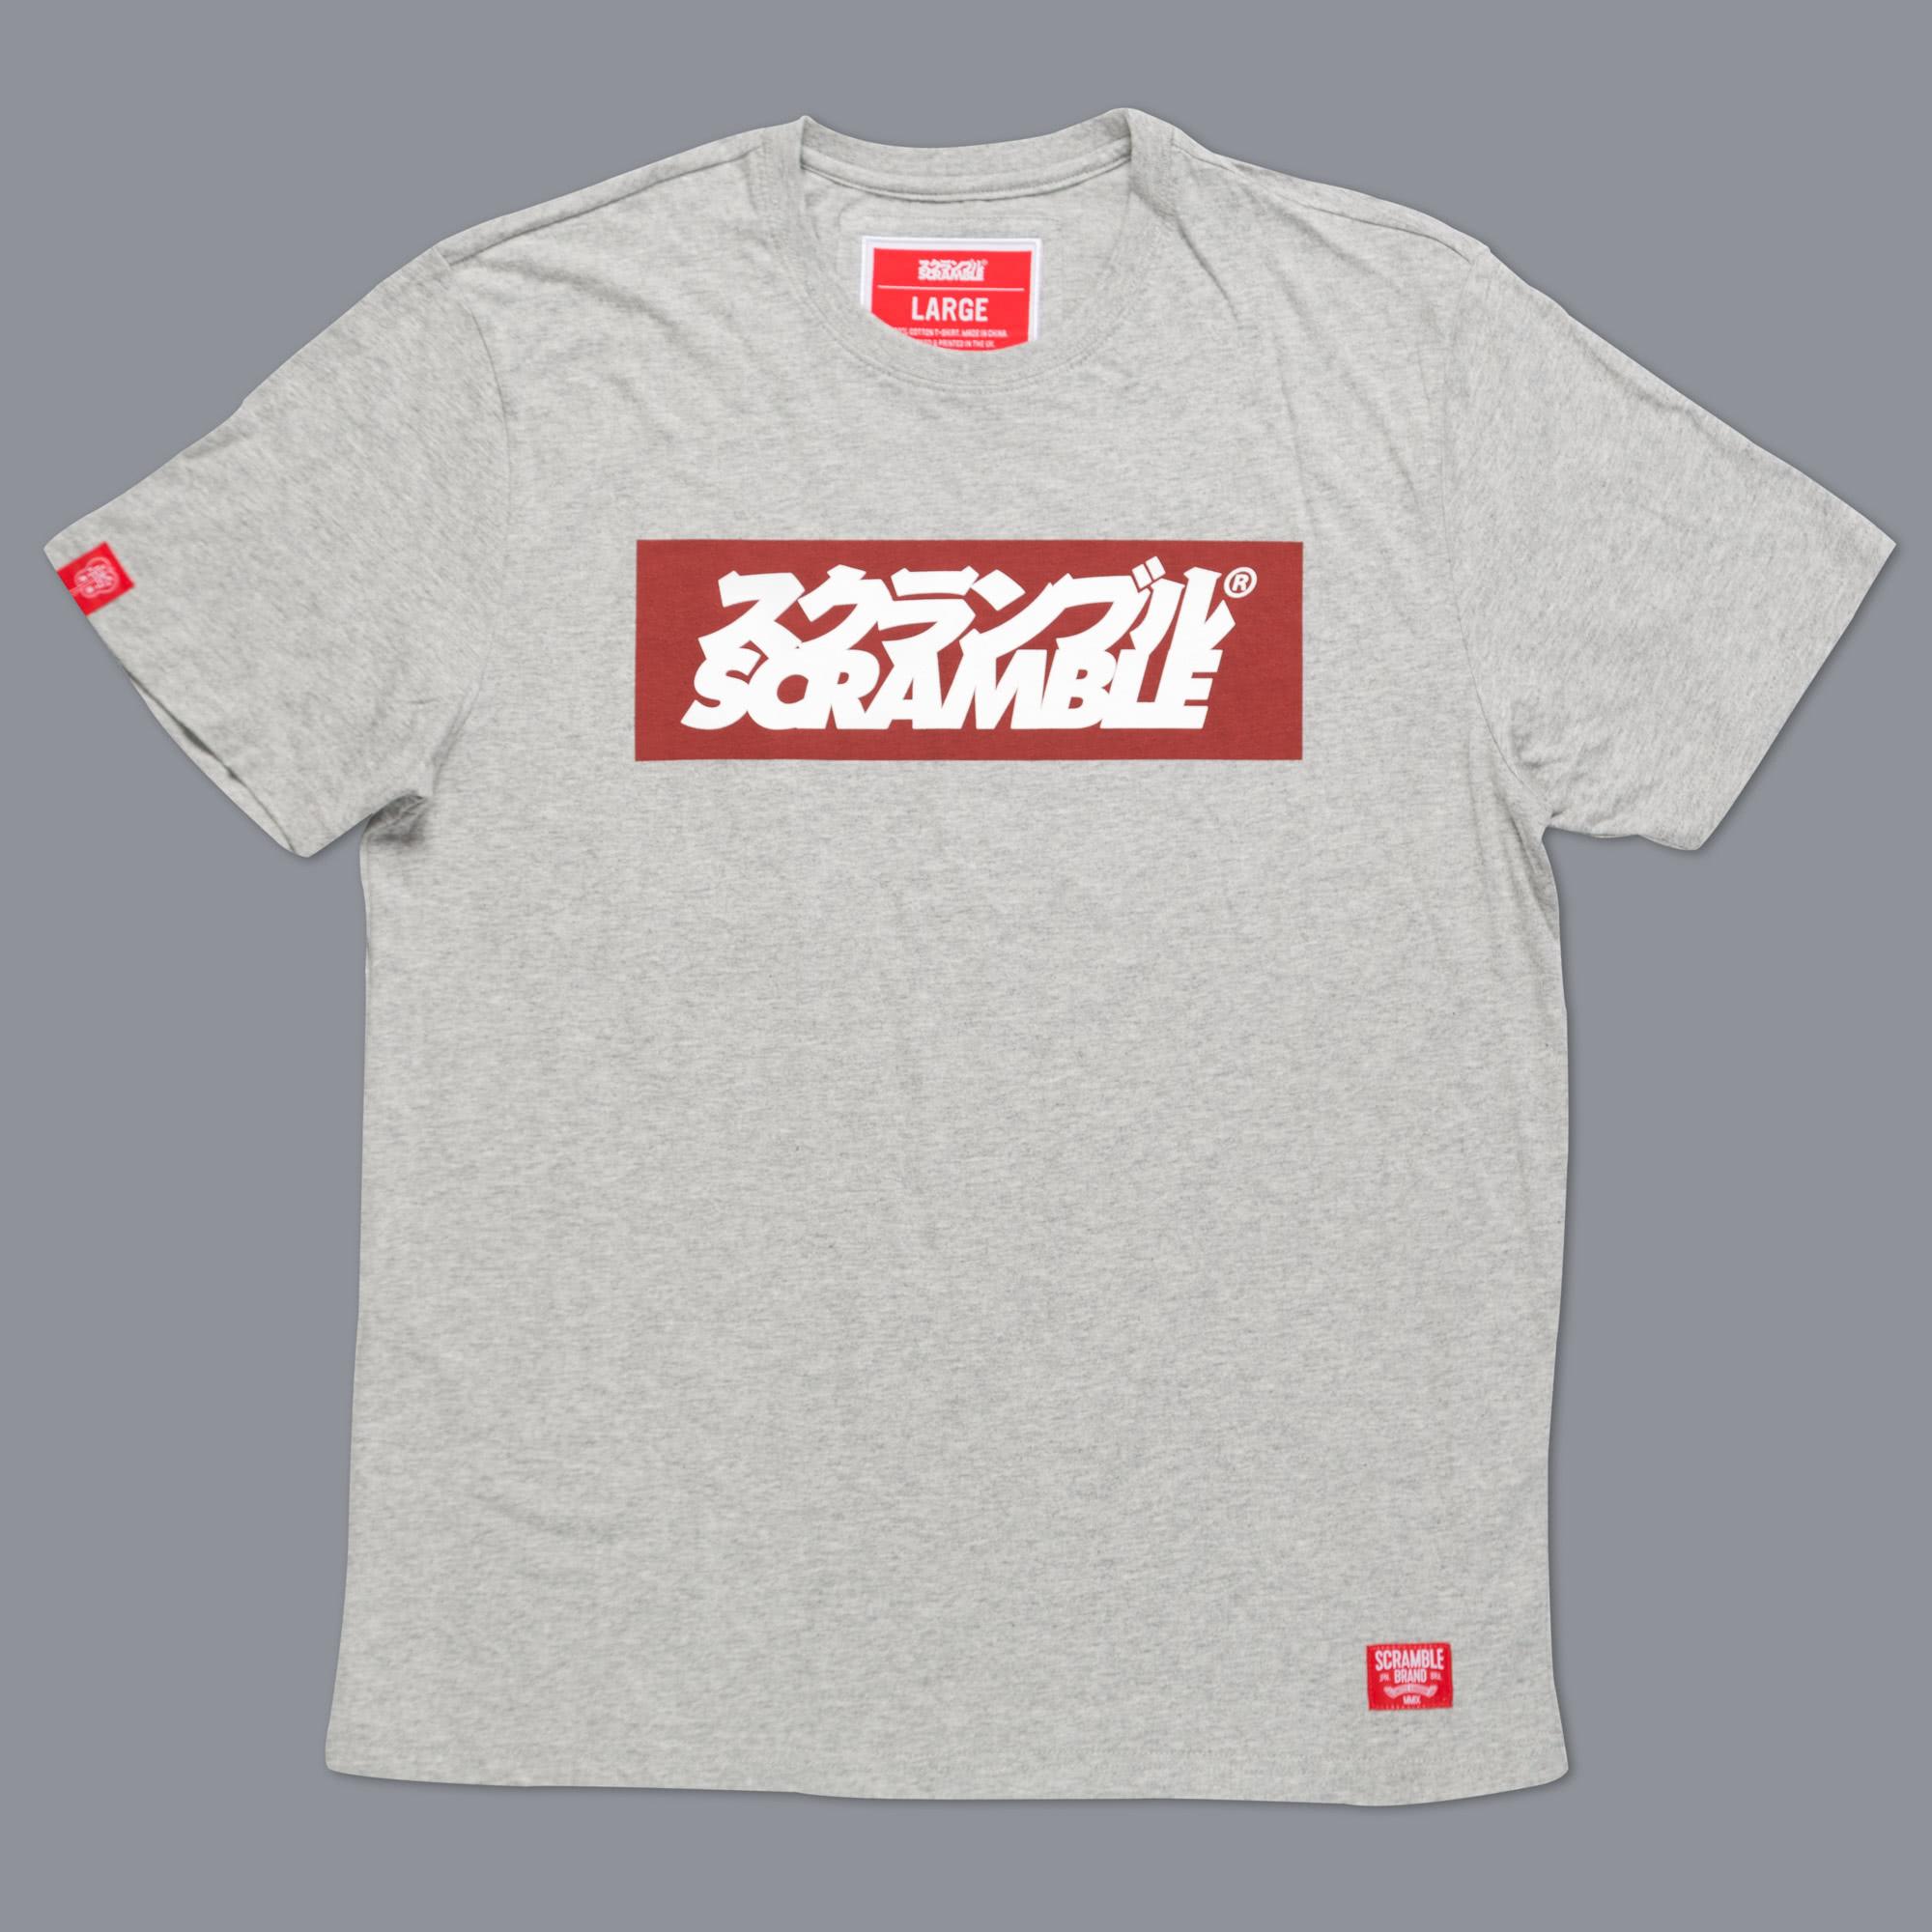 SCRAMBLE ブランドロゴ Tシャツ – グレイ